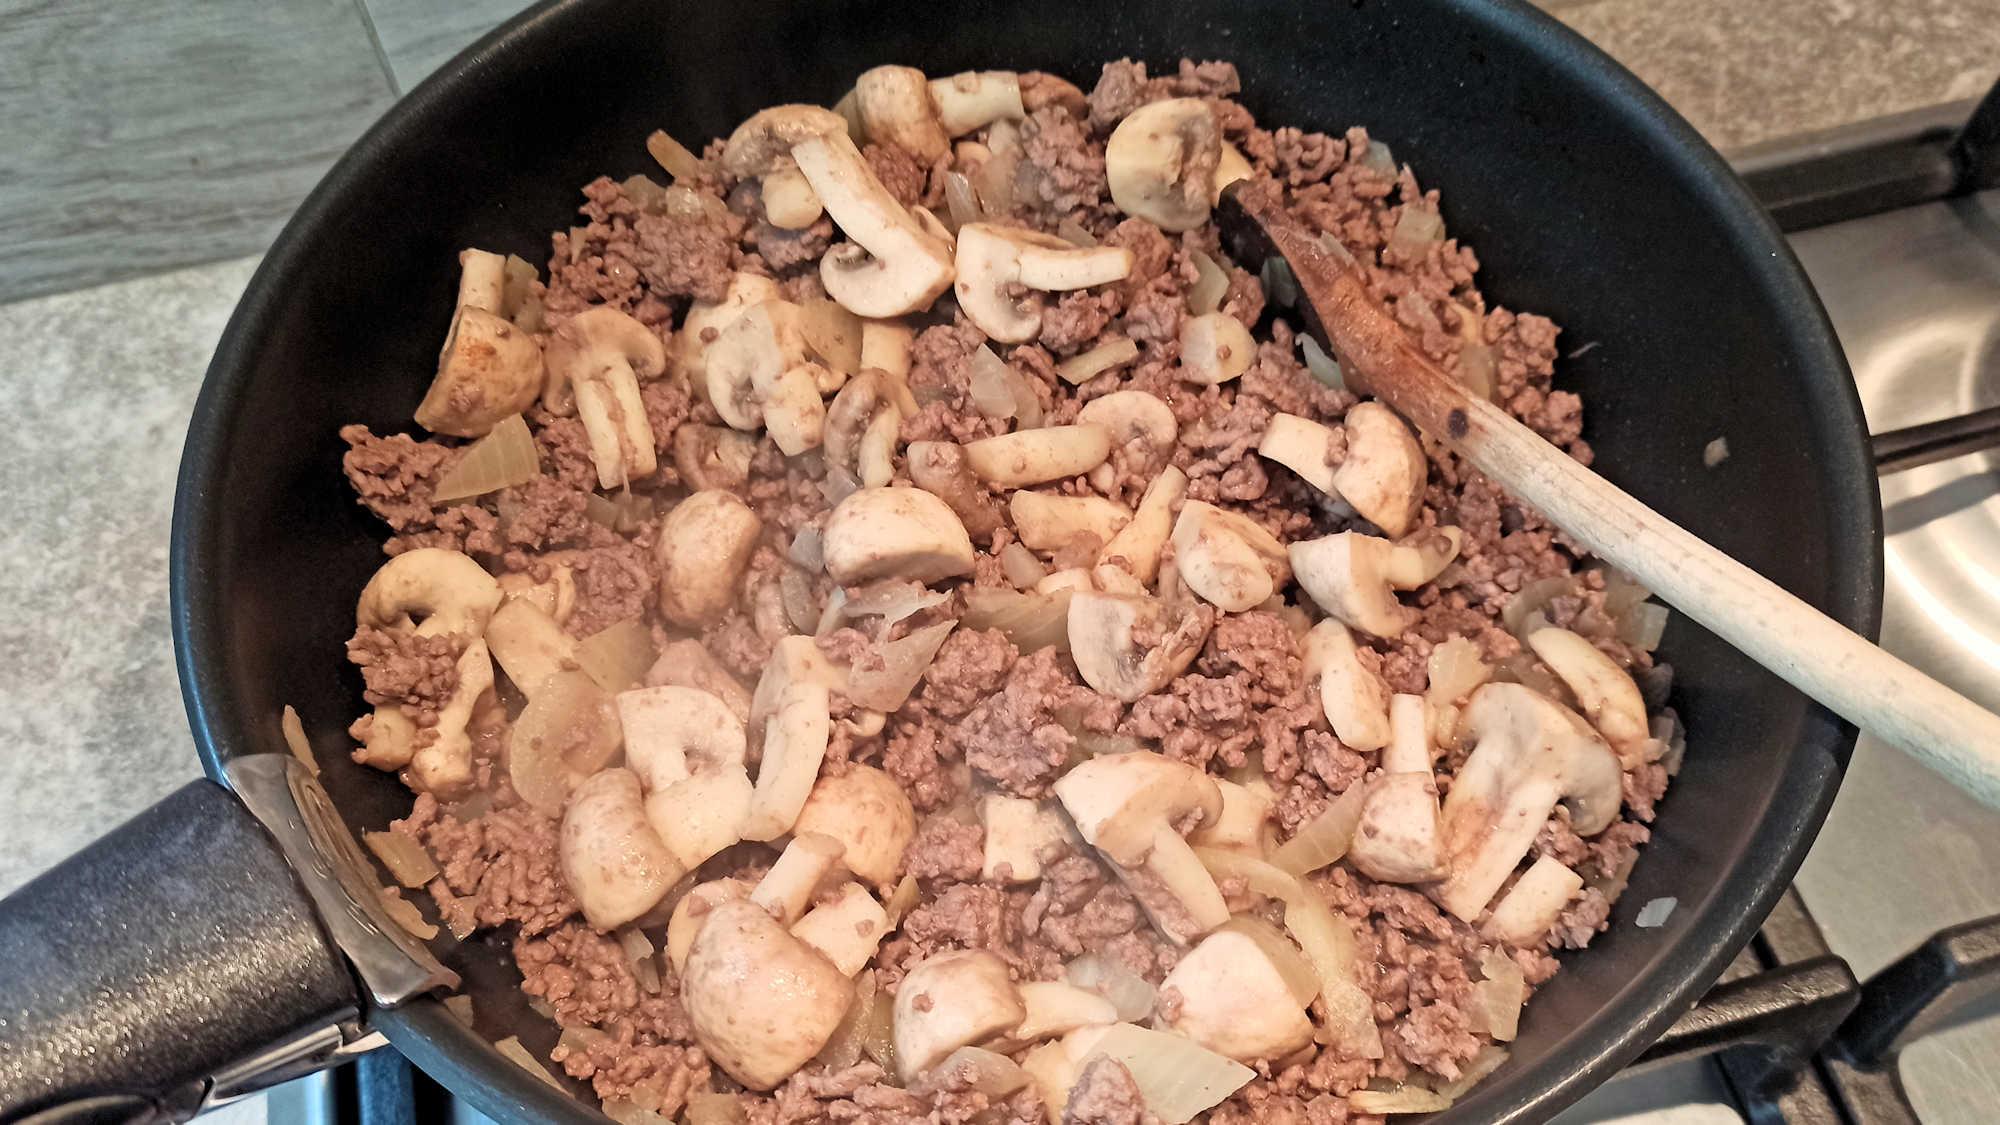 Lorsque le boeuf, l'oignon et les champignons sont cuits